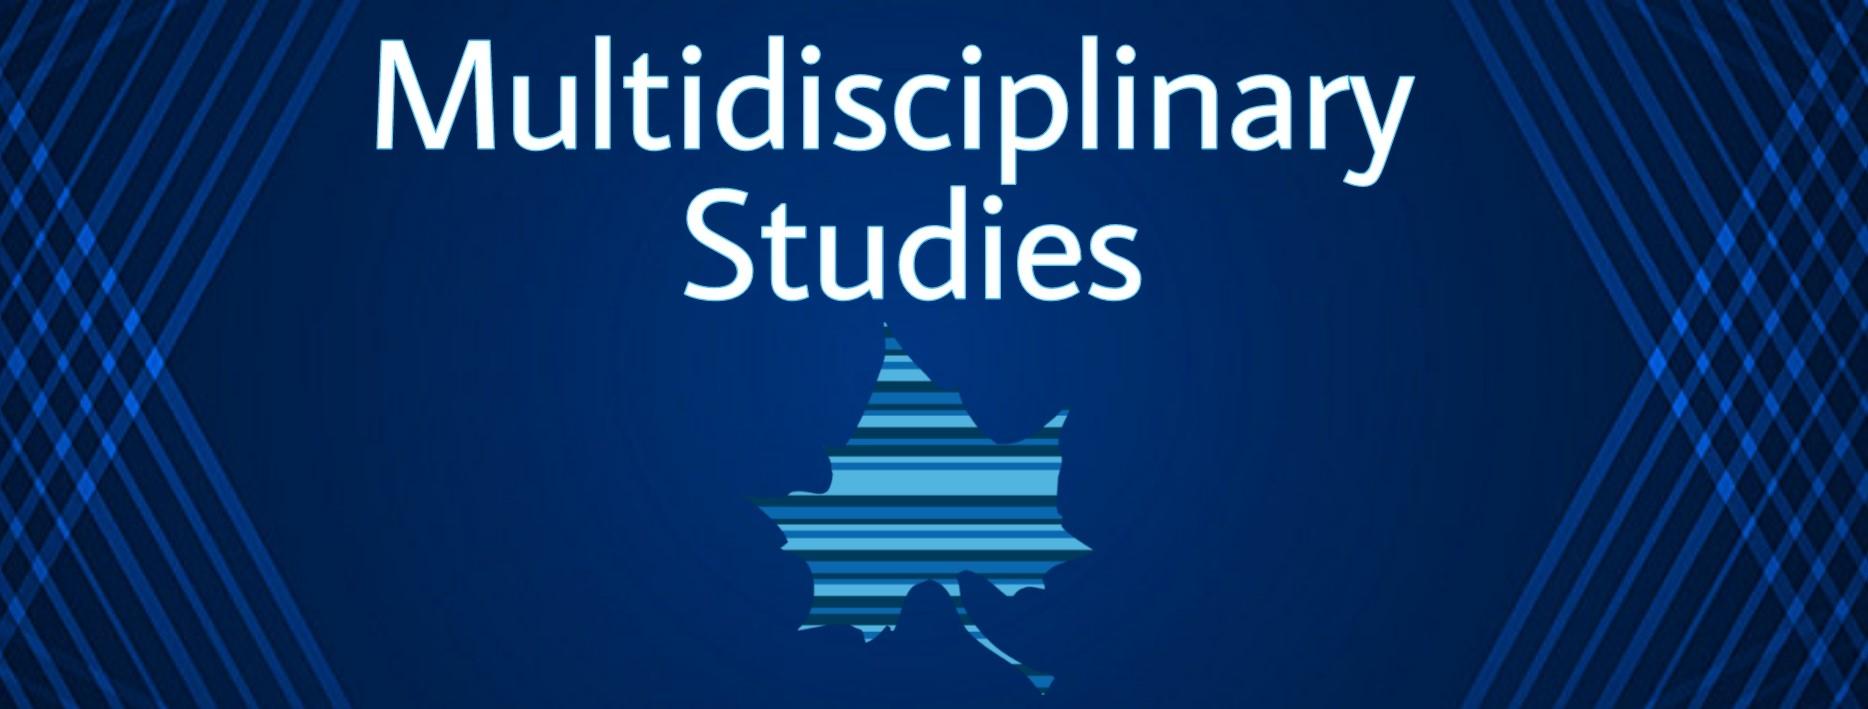 Multidisciplinary Studies